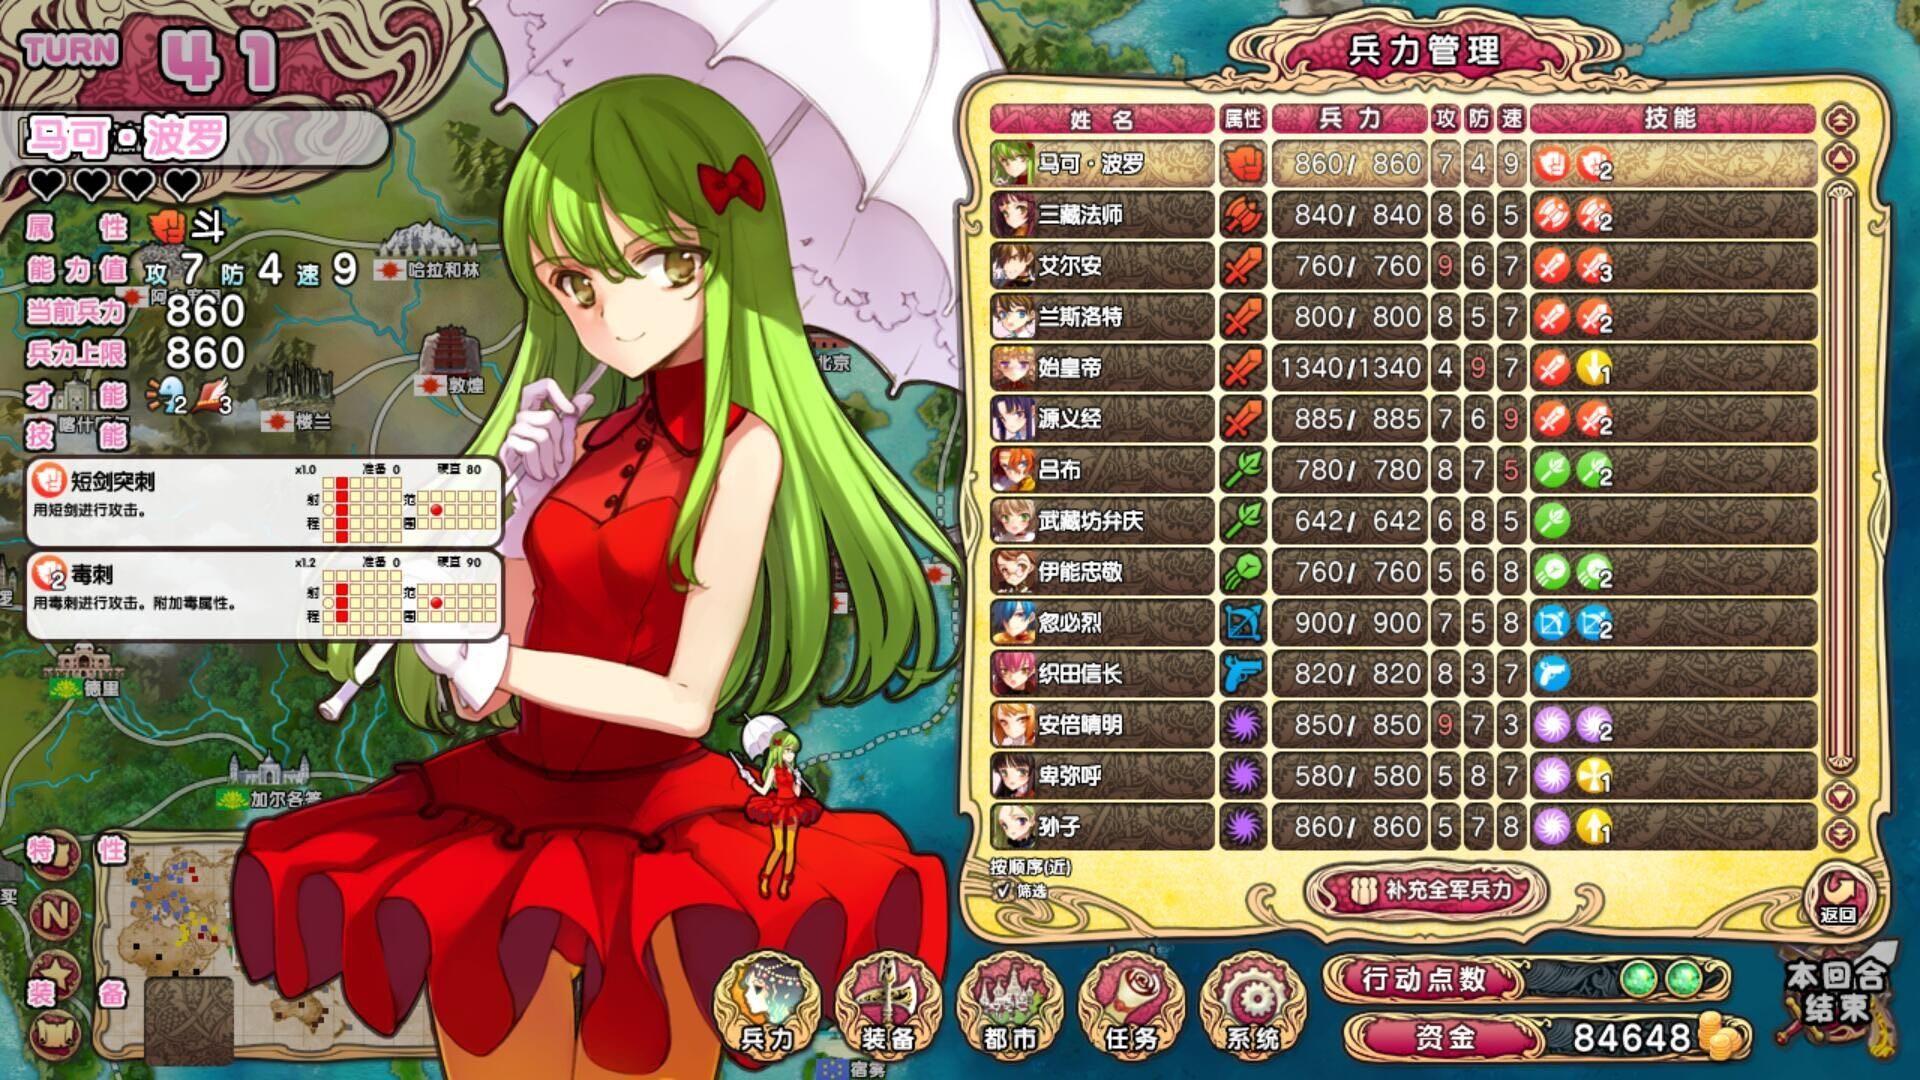 【大型SLG/汉化/魔改】英雄战姬:GOLD!Ver1.1 黄金魔改汉化版+作弊+全CG【4G】-开心电玩屋